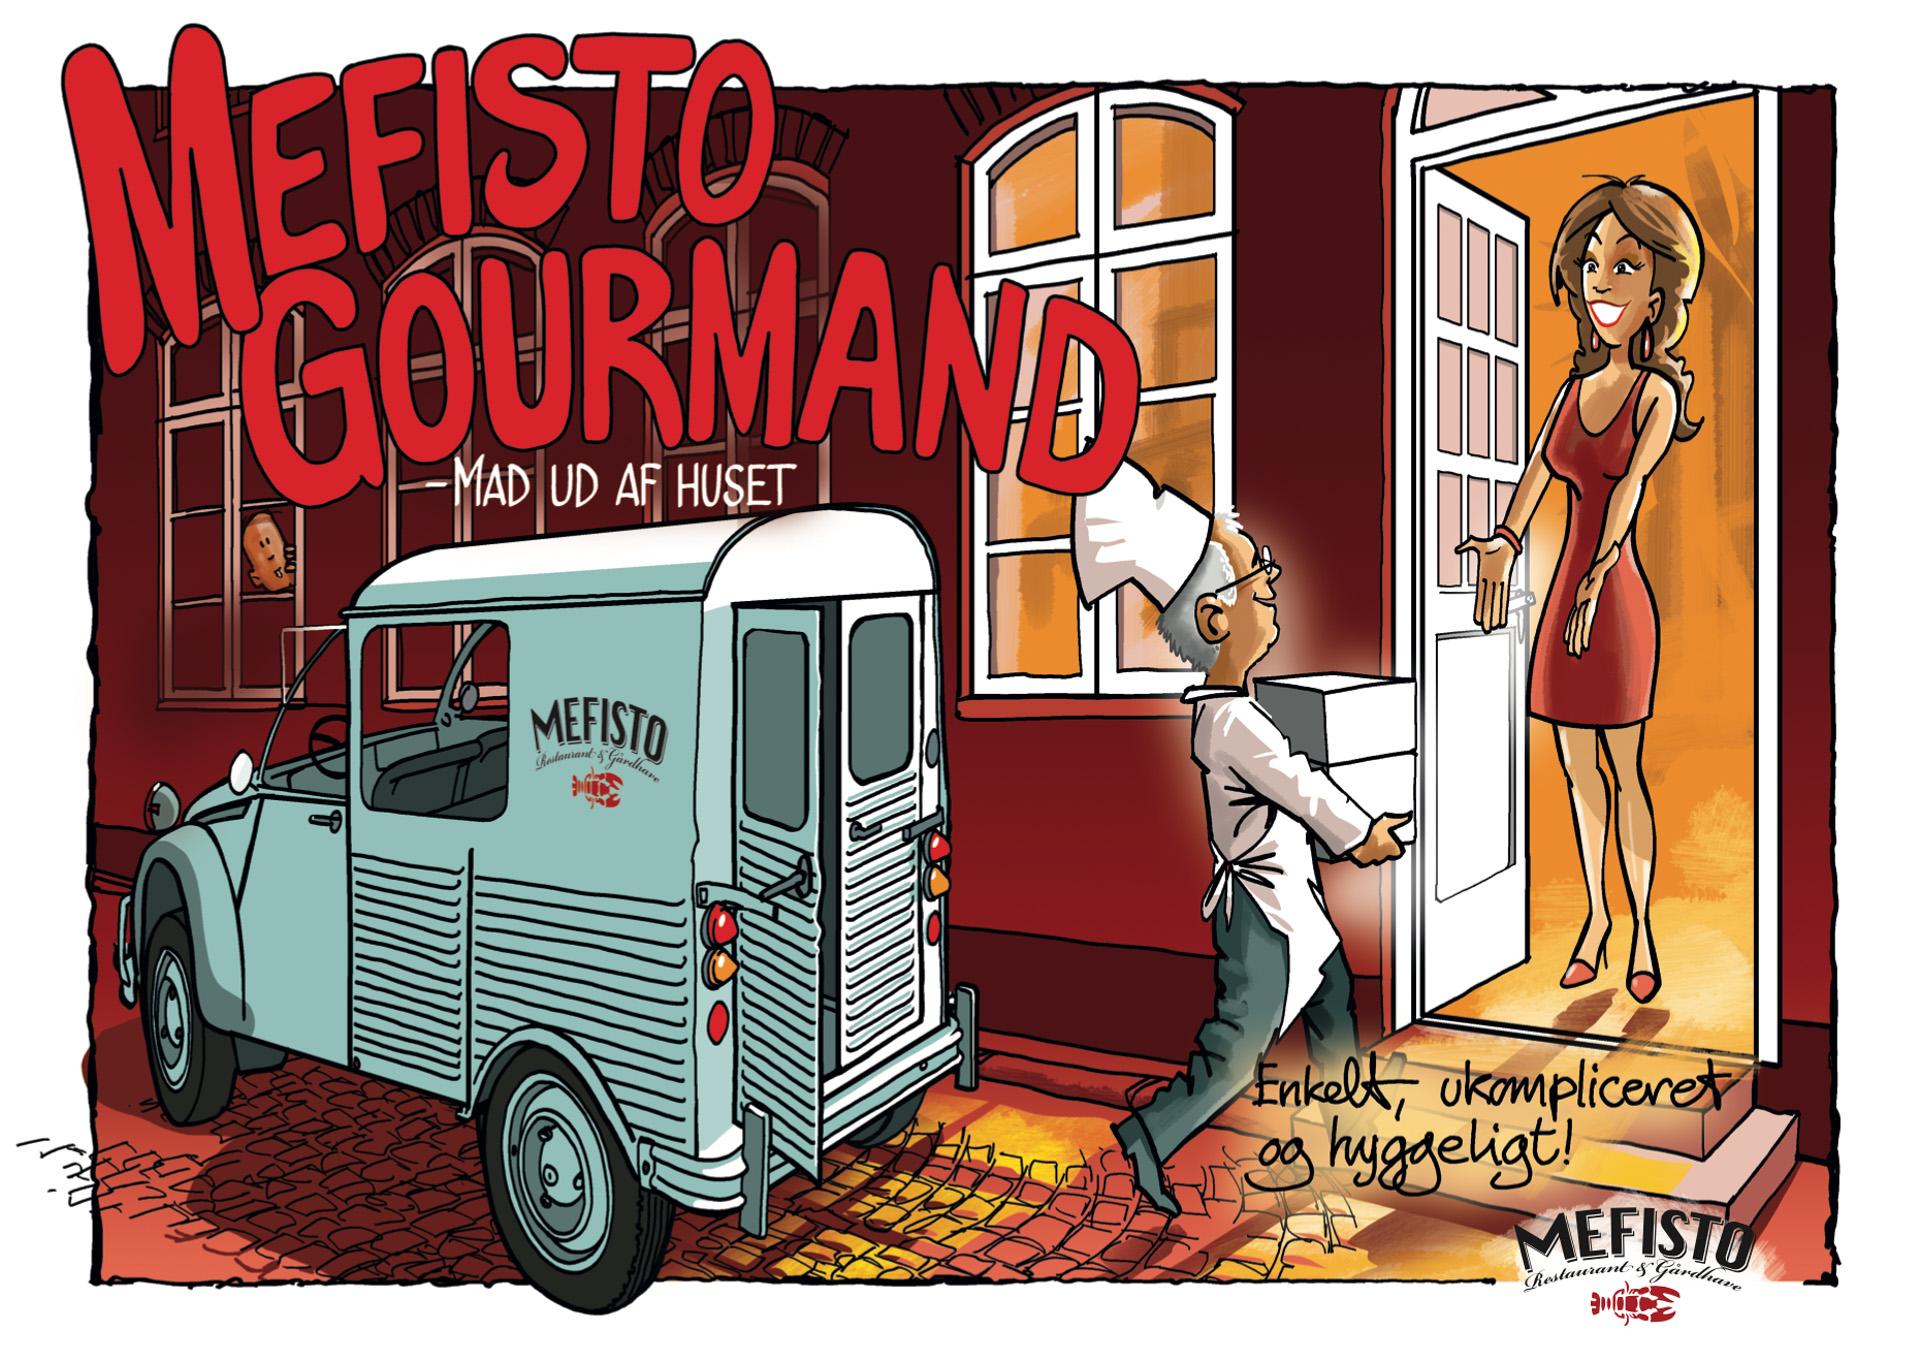 Mefisto tænker nyt: God mad leveret i fransk klassisk veteranbil